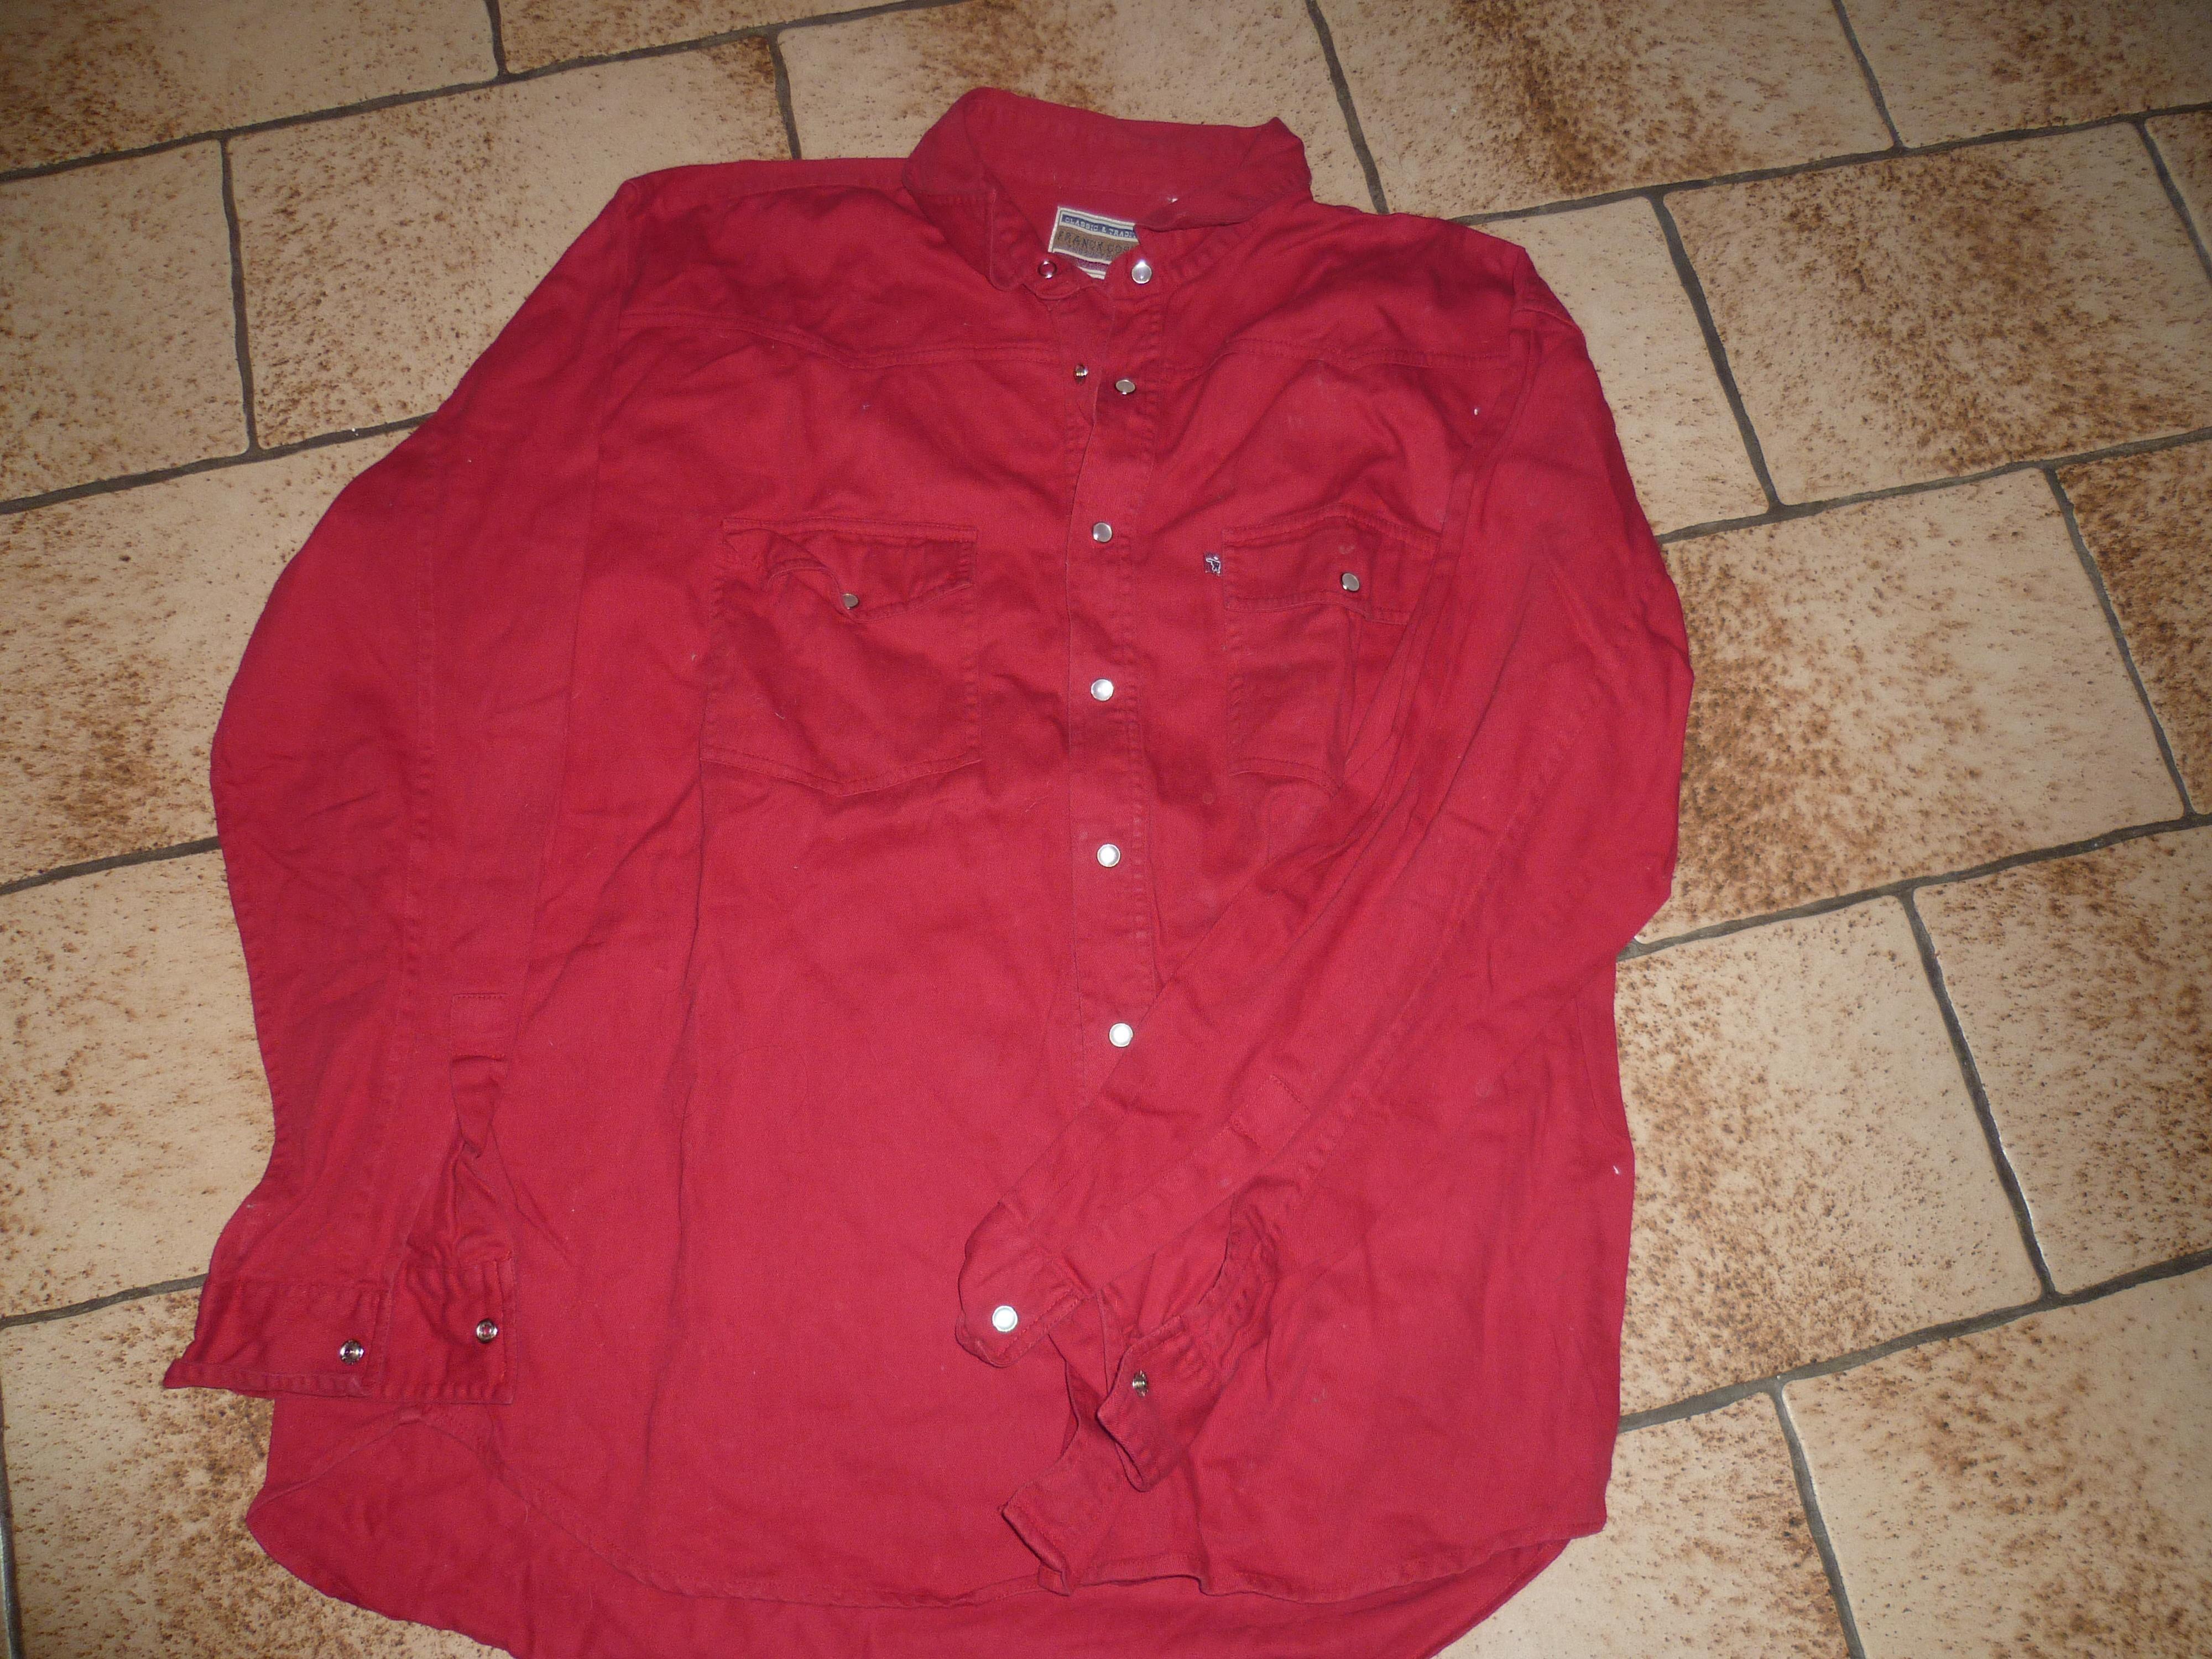 troc de troc chemise marque franck coster image 0